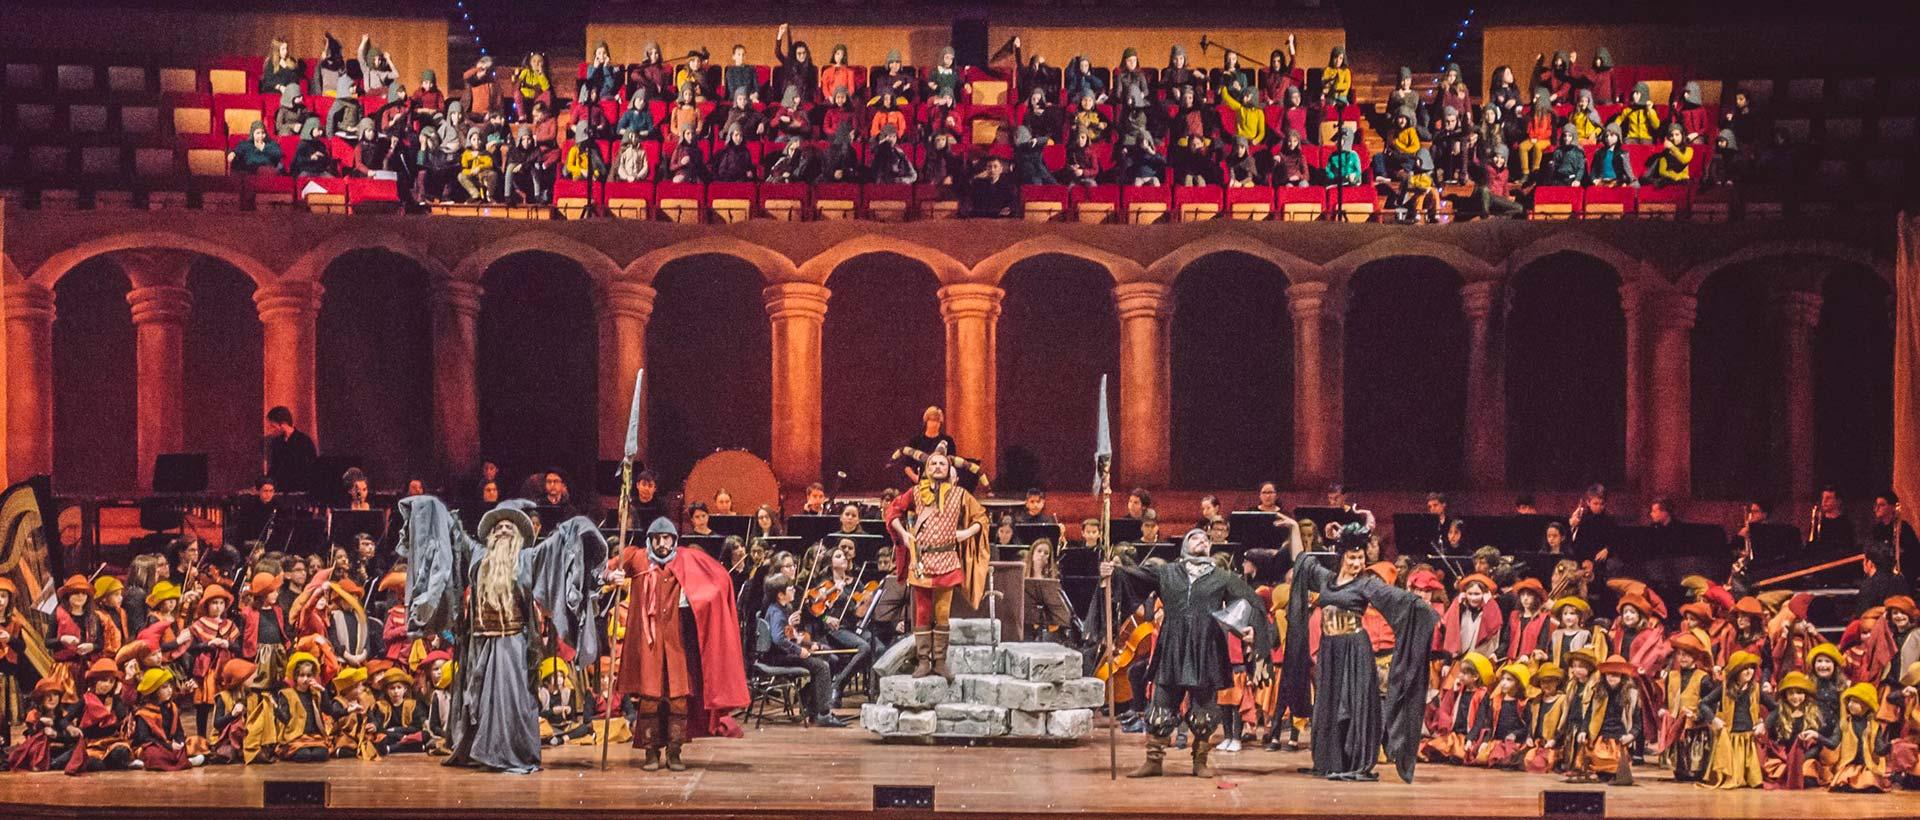 Accademia Santa Cecilia